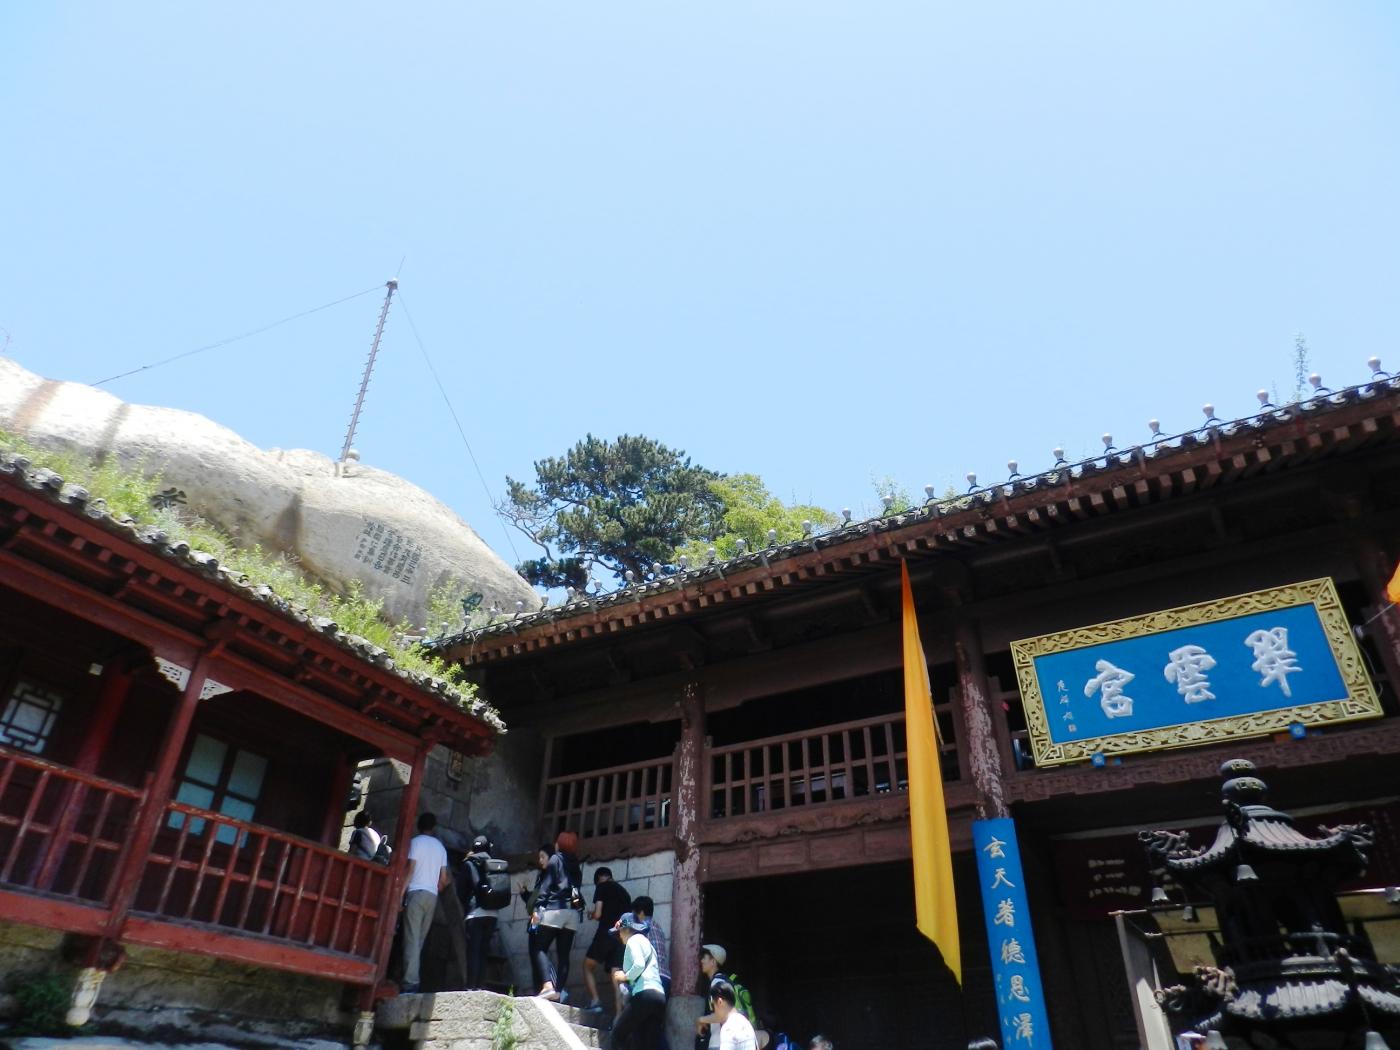 【汉良子】西岳华山之二(图)_图1-6